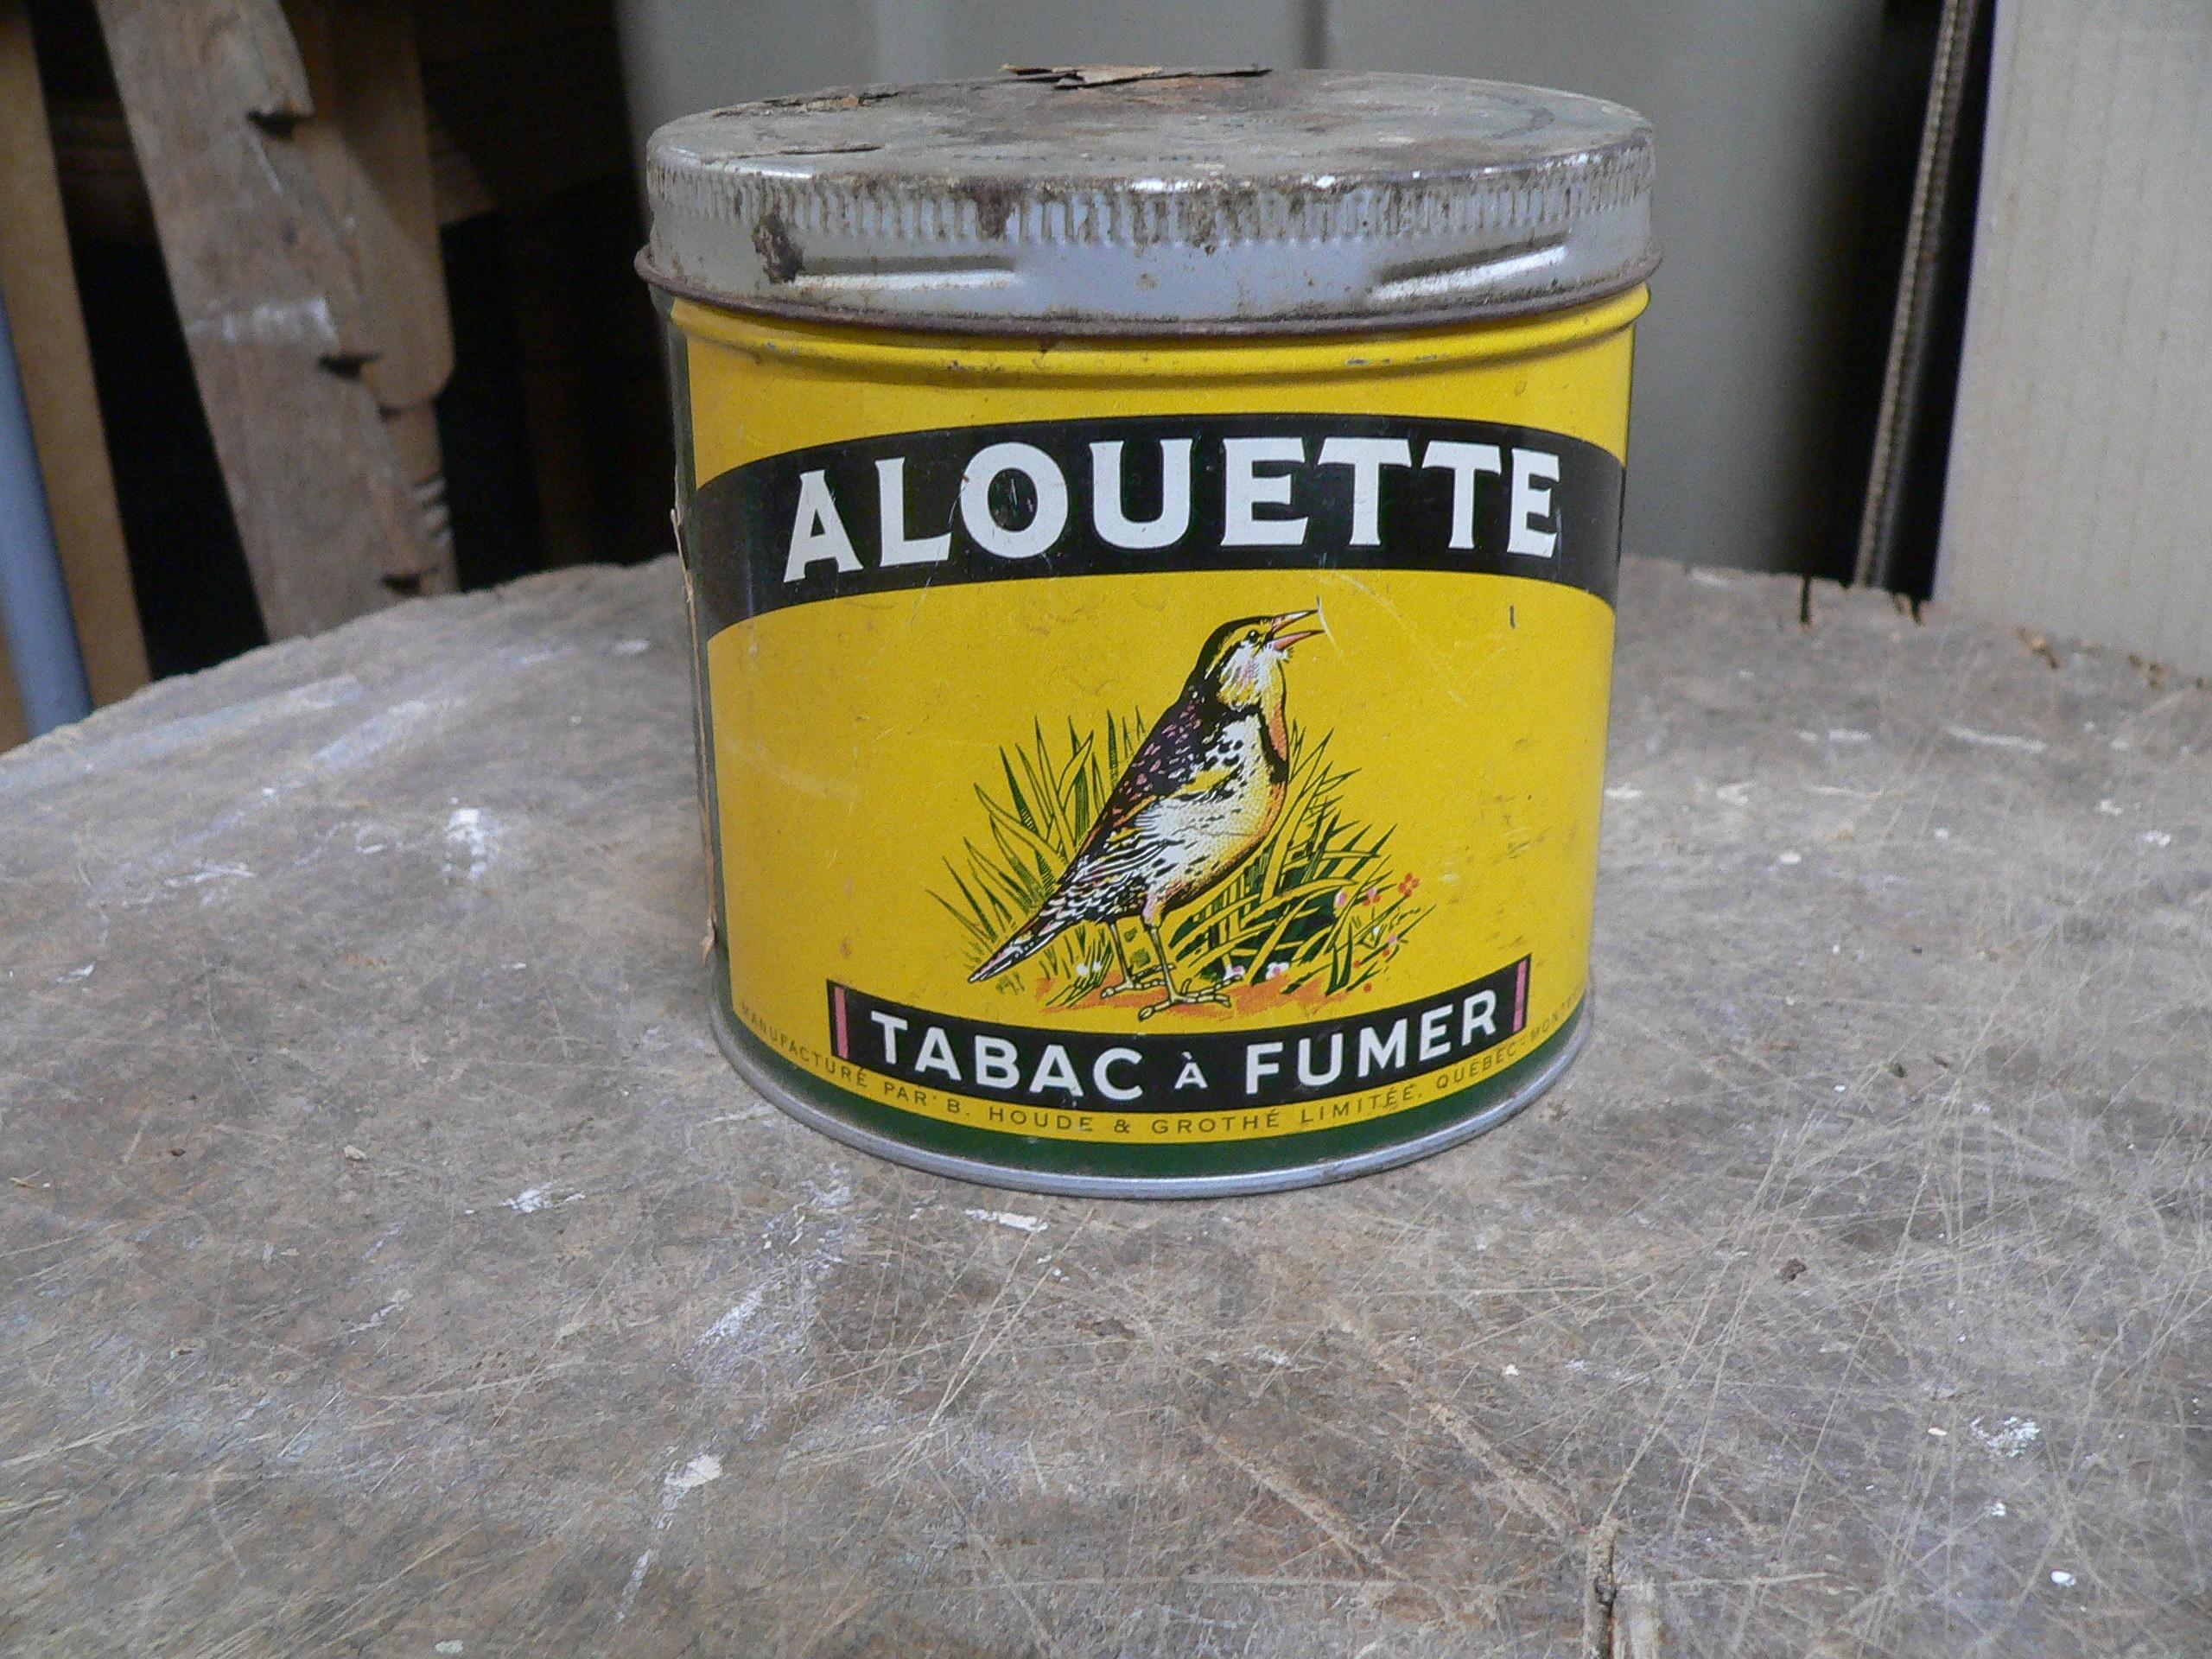 Canne de tabac alouette # 7452